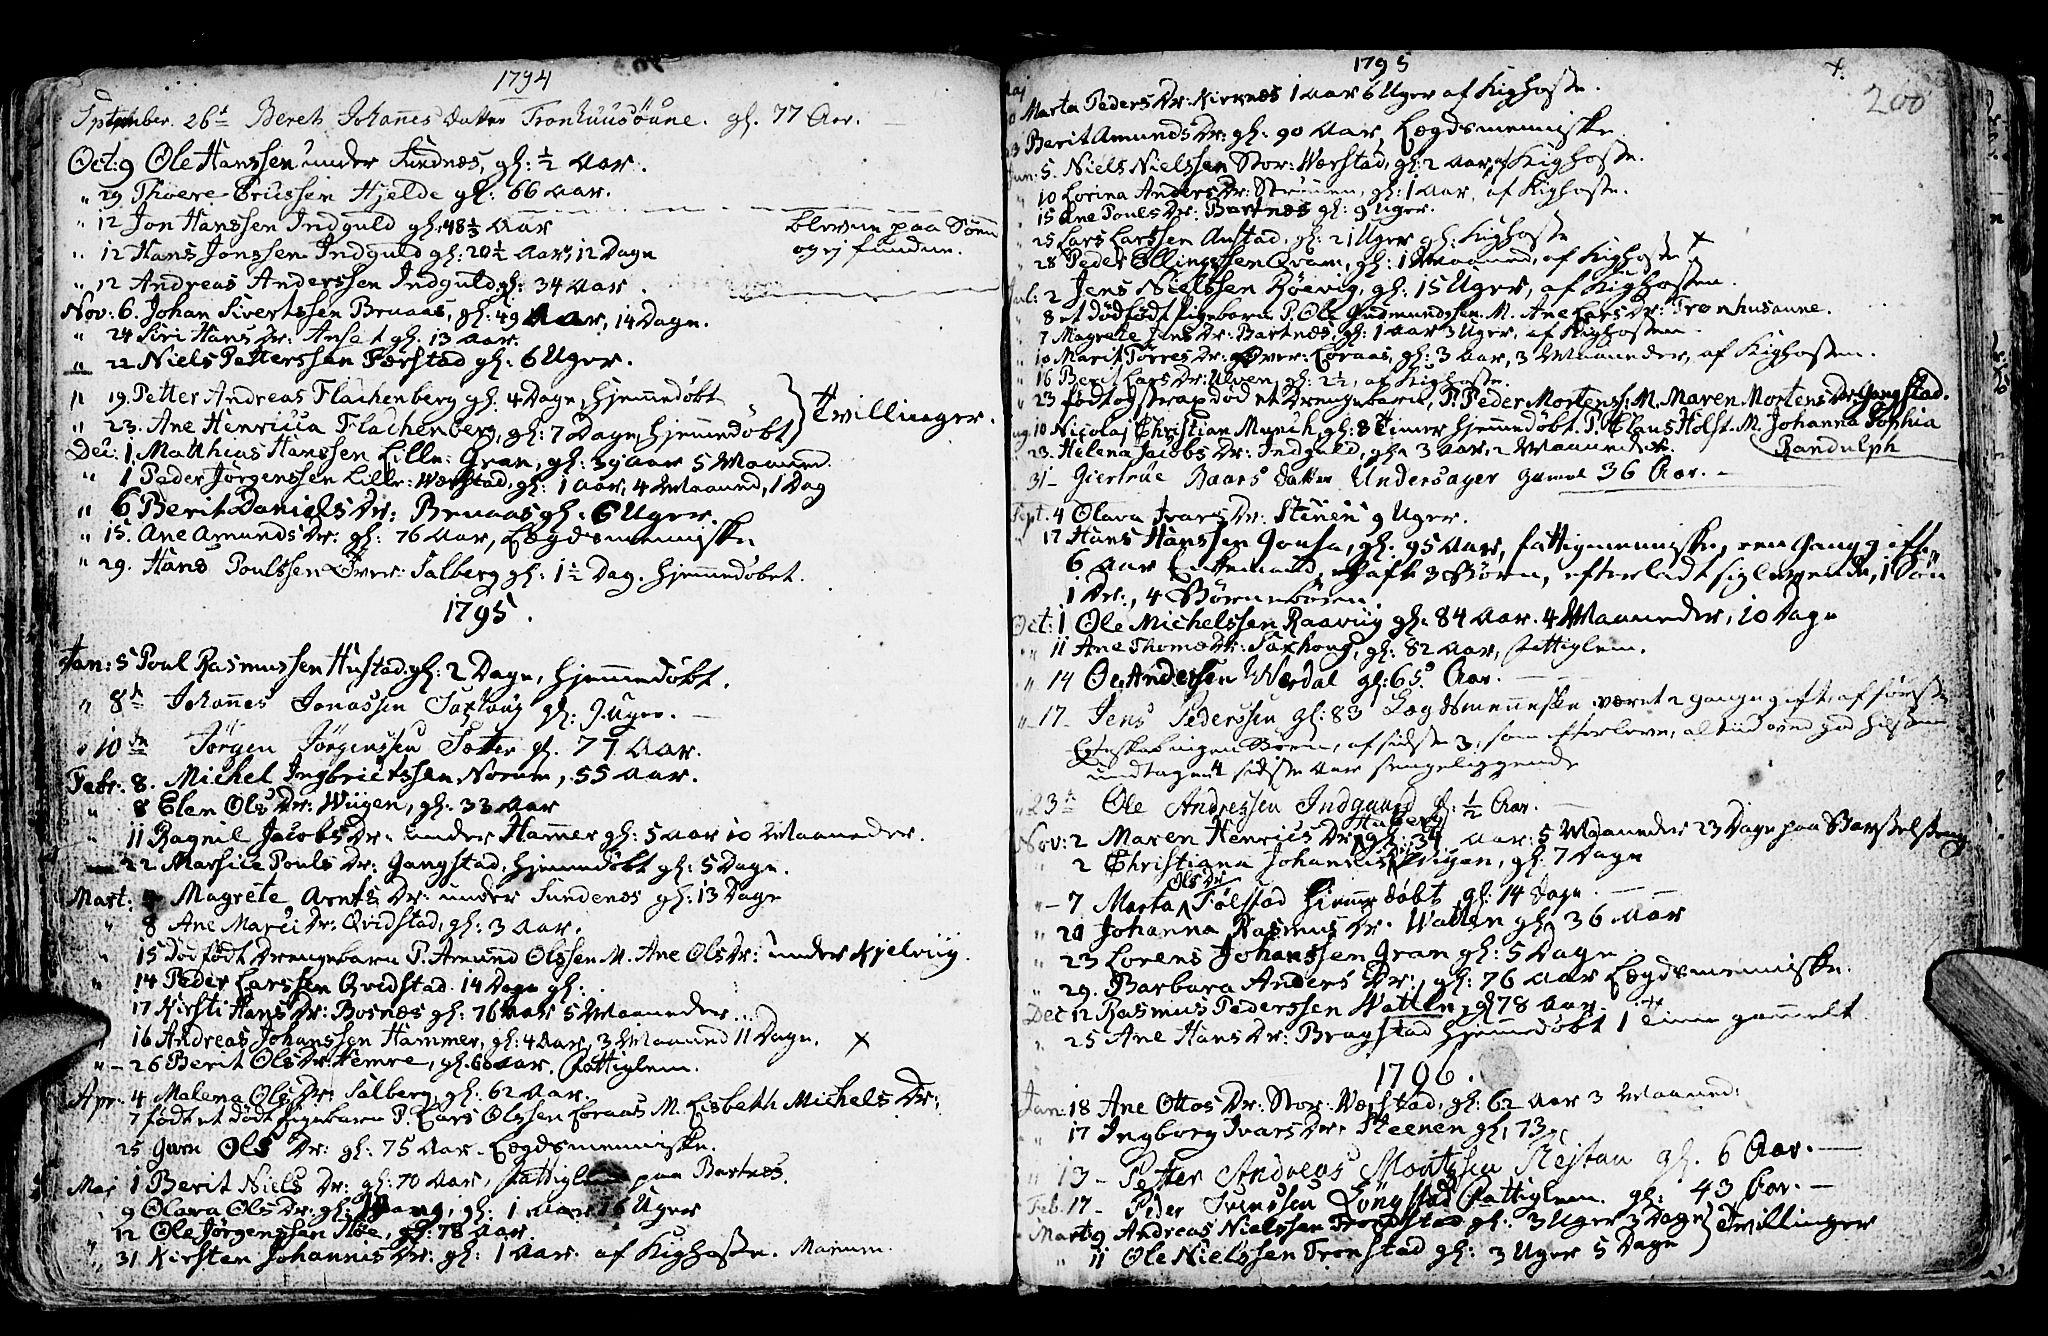 SAT, Ministerialprotokoller, klokkerbøker og fødselsregistre - Nord-Trøndelag, 730/L0273: Ministerialbok nr. 730A02, 1762-1802, s. 200